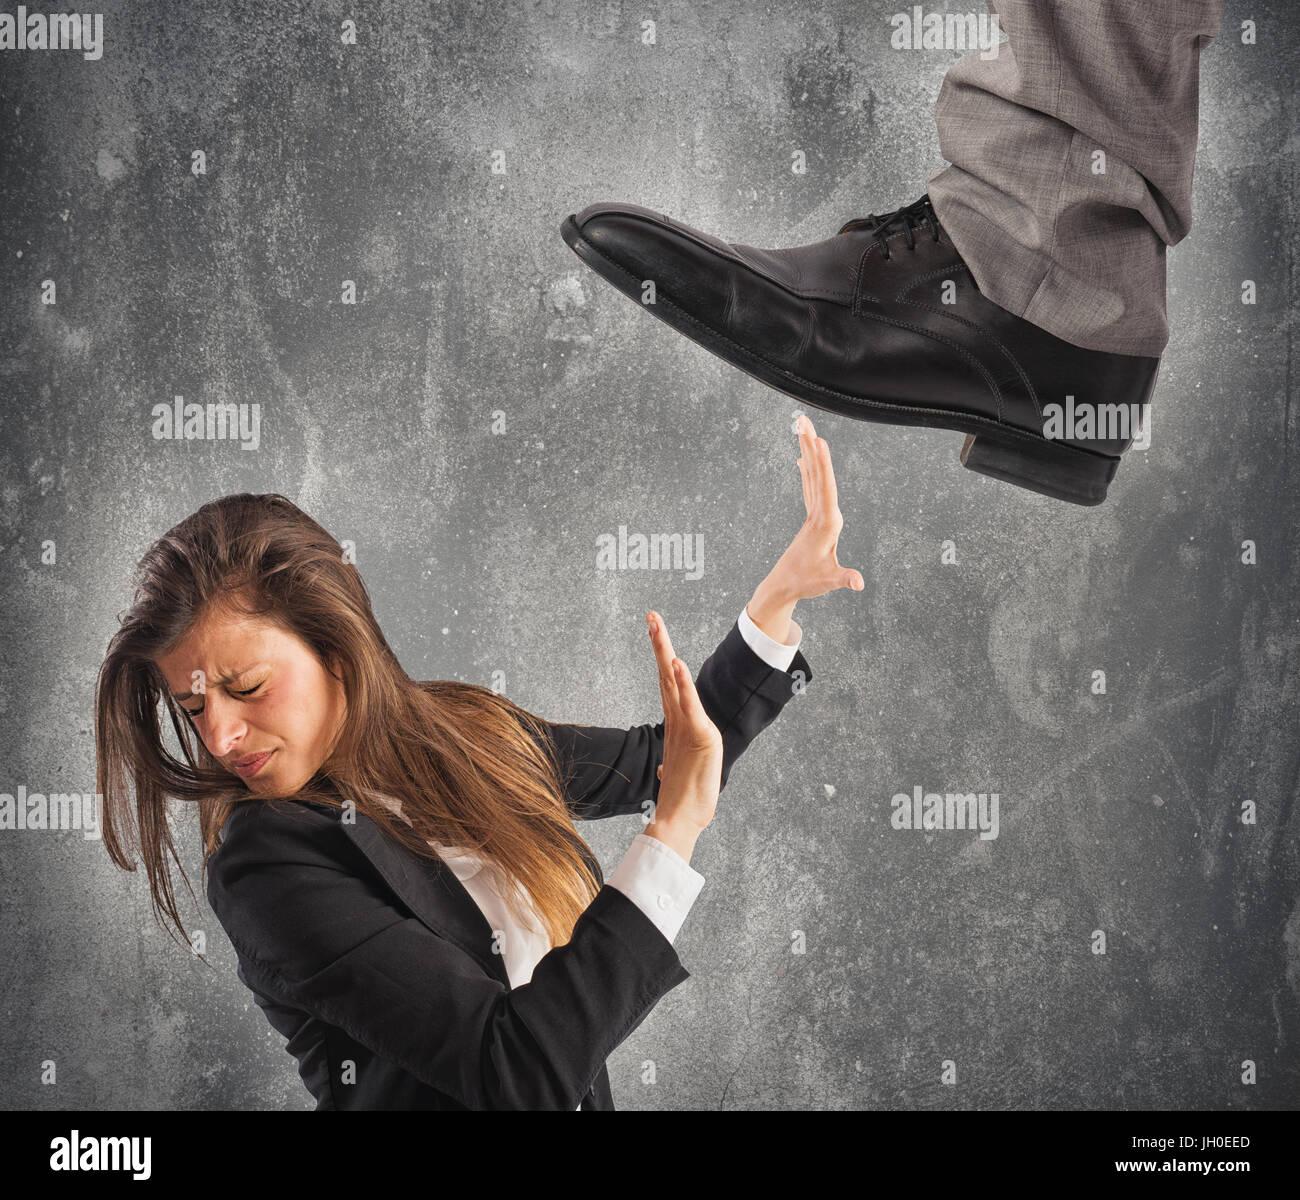 Jefe agresiva con el empleado. El concepto de exceso de trabajo y mobbing Imagen De Stock